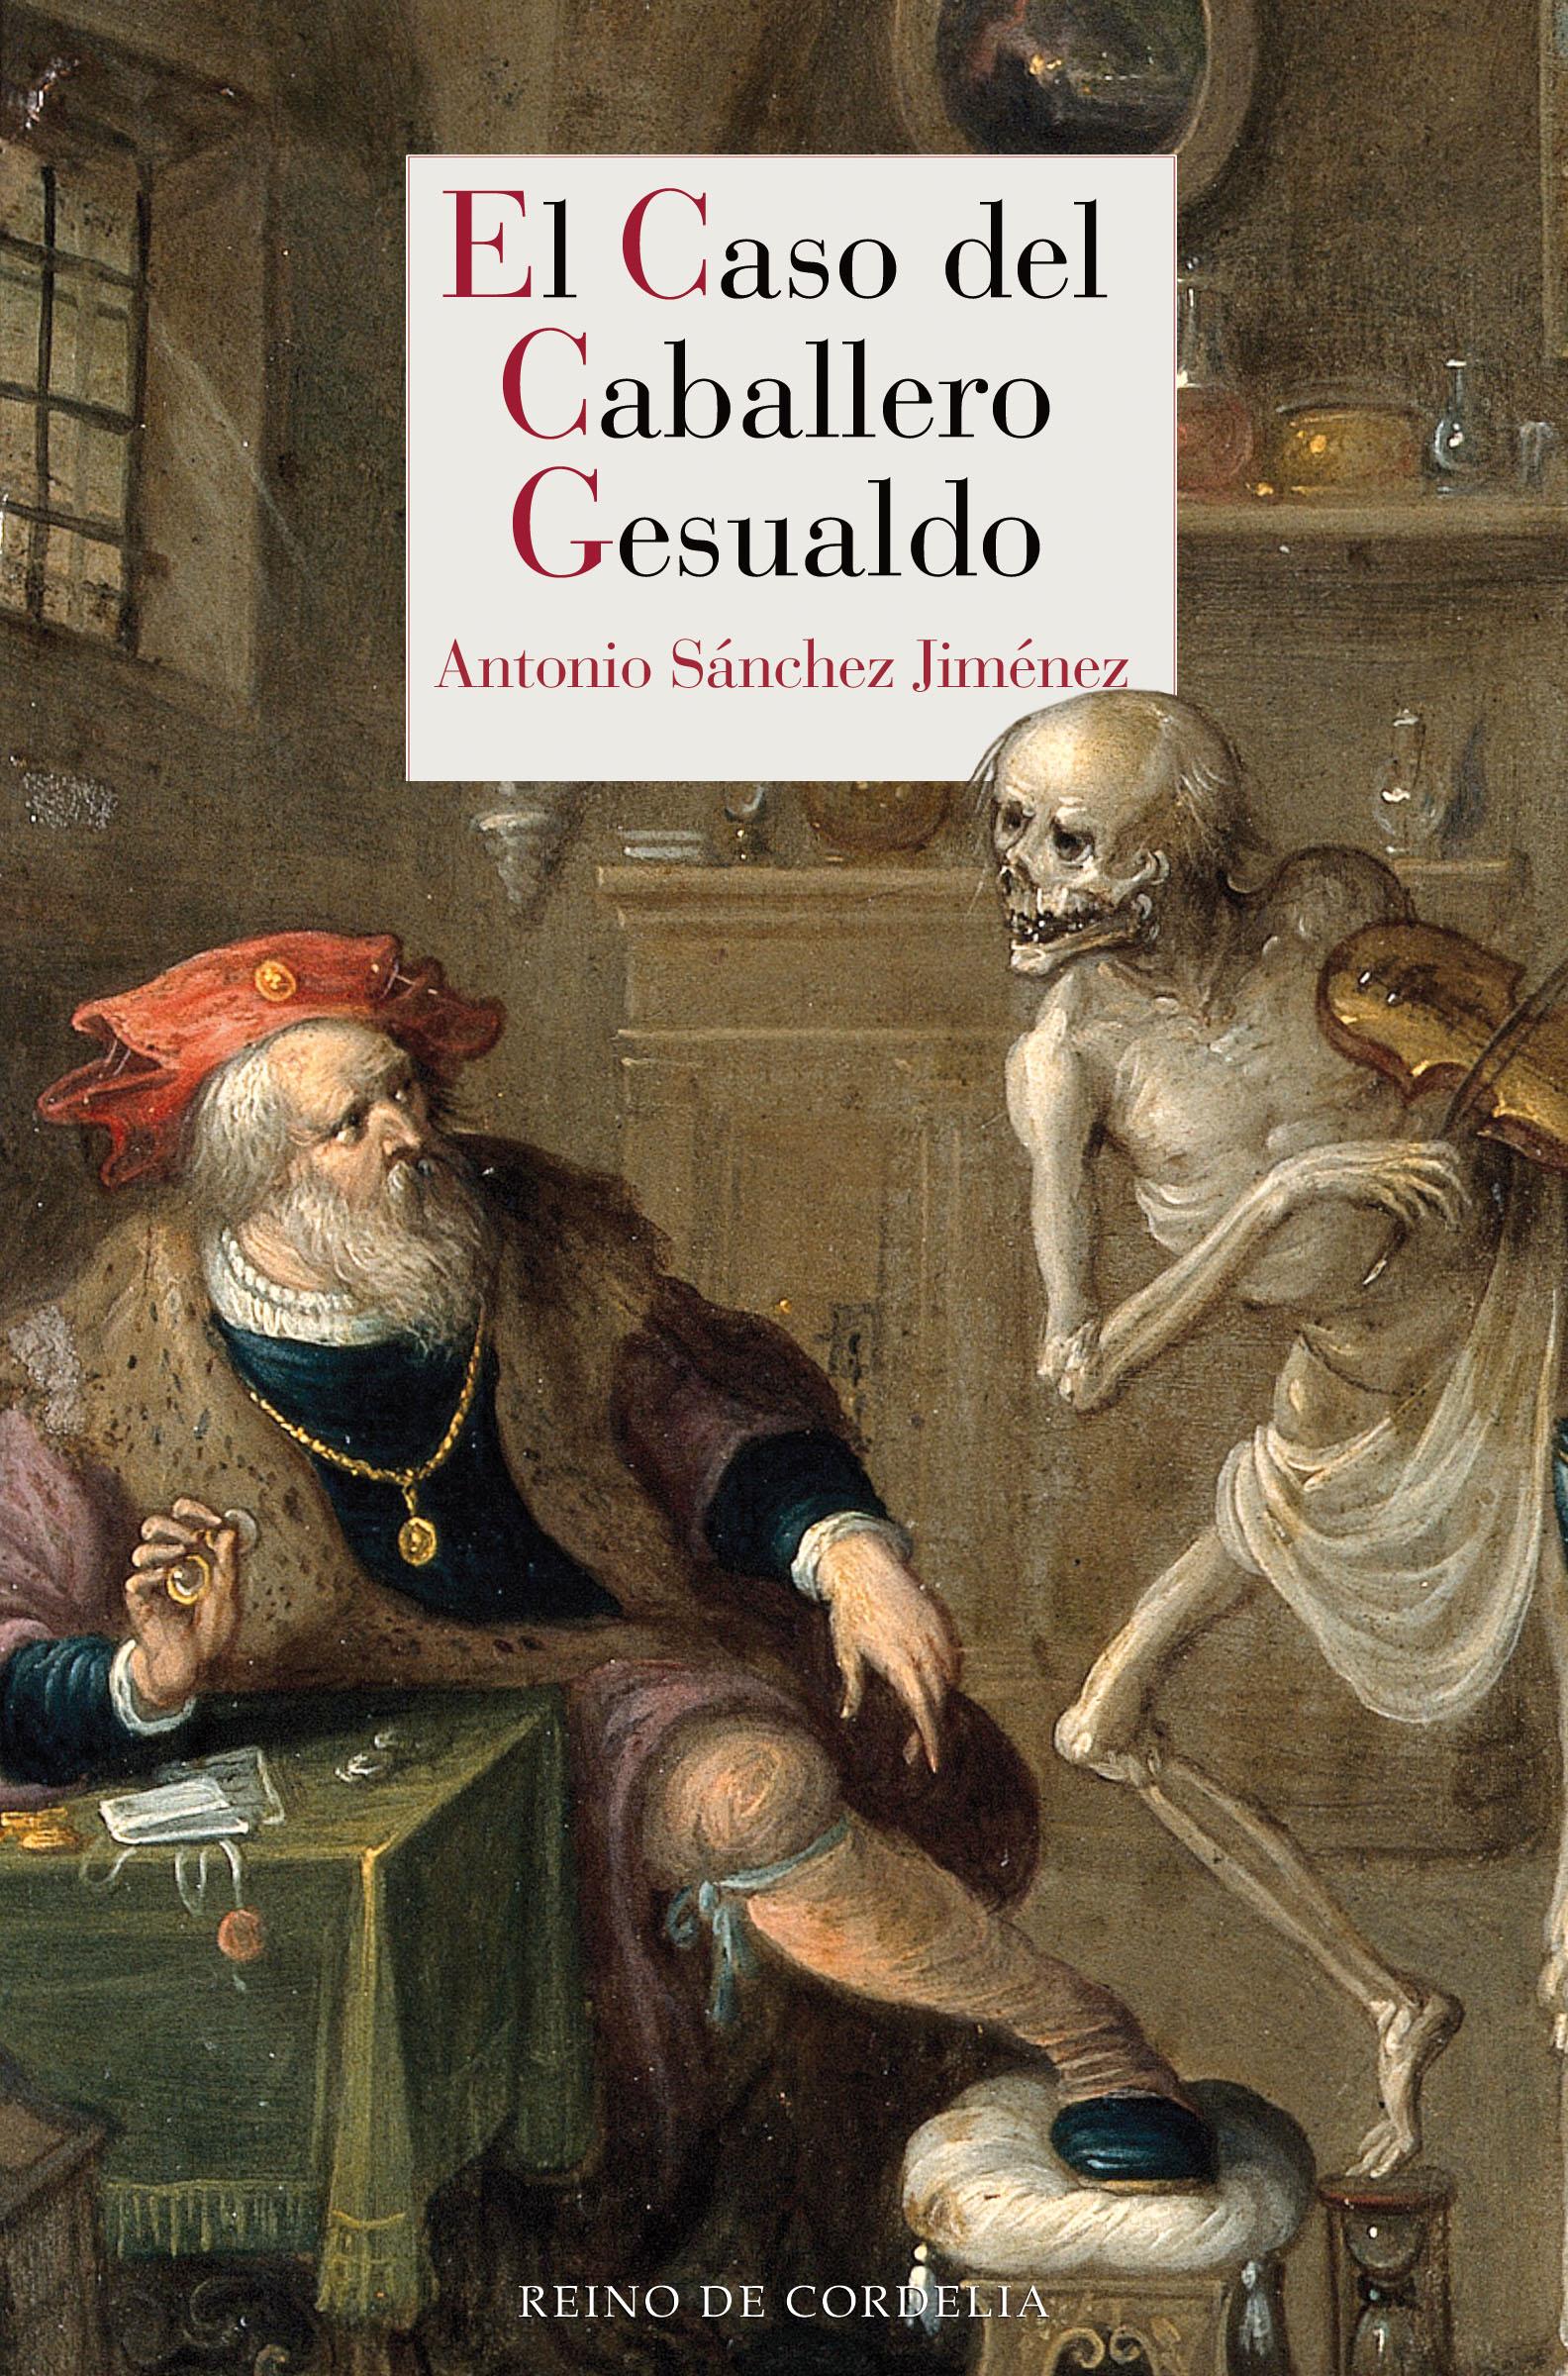 Antonio Sánchez Jiménez, la prosa como